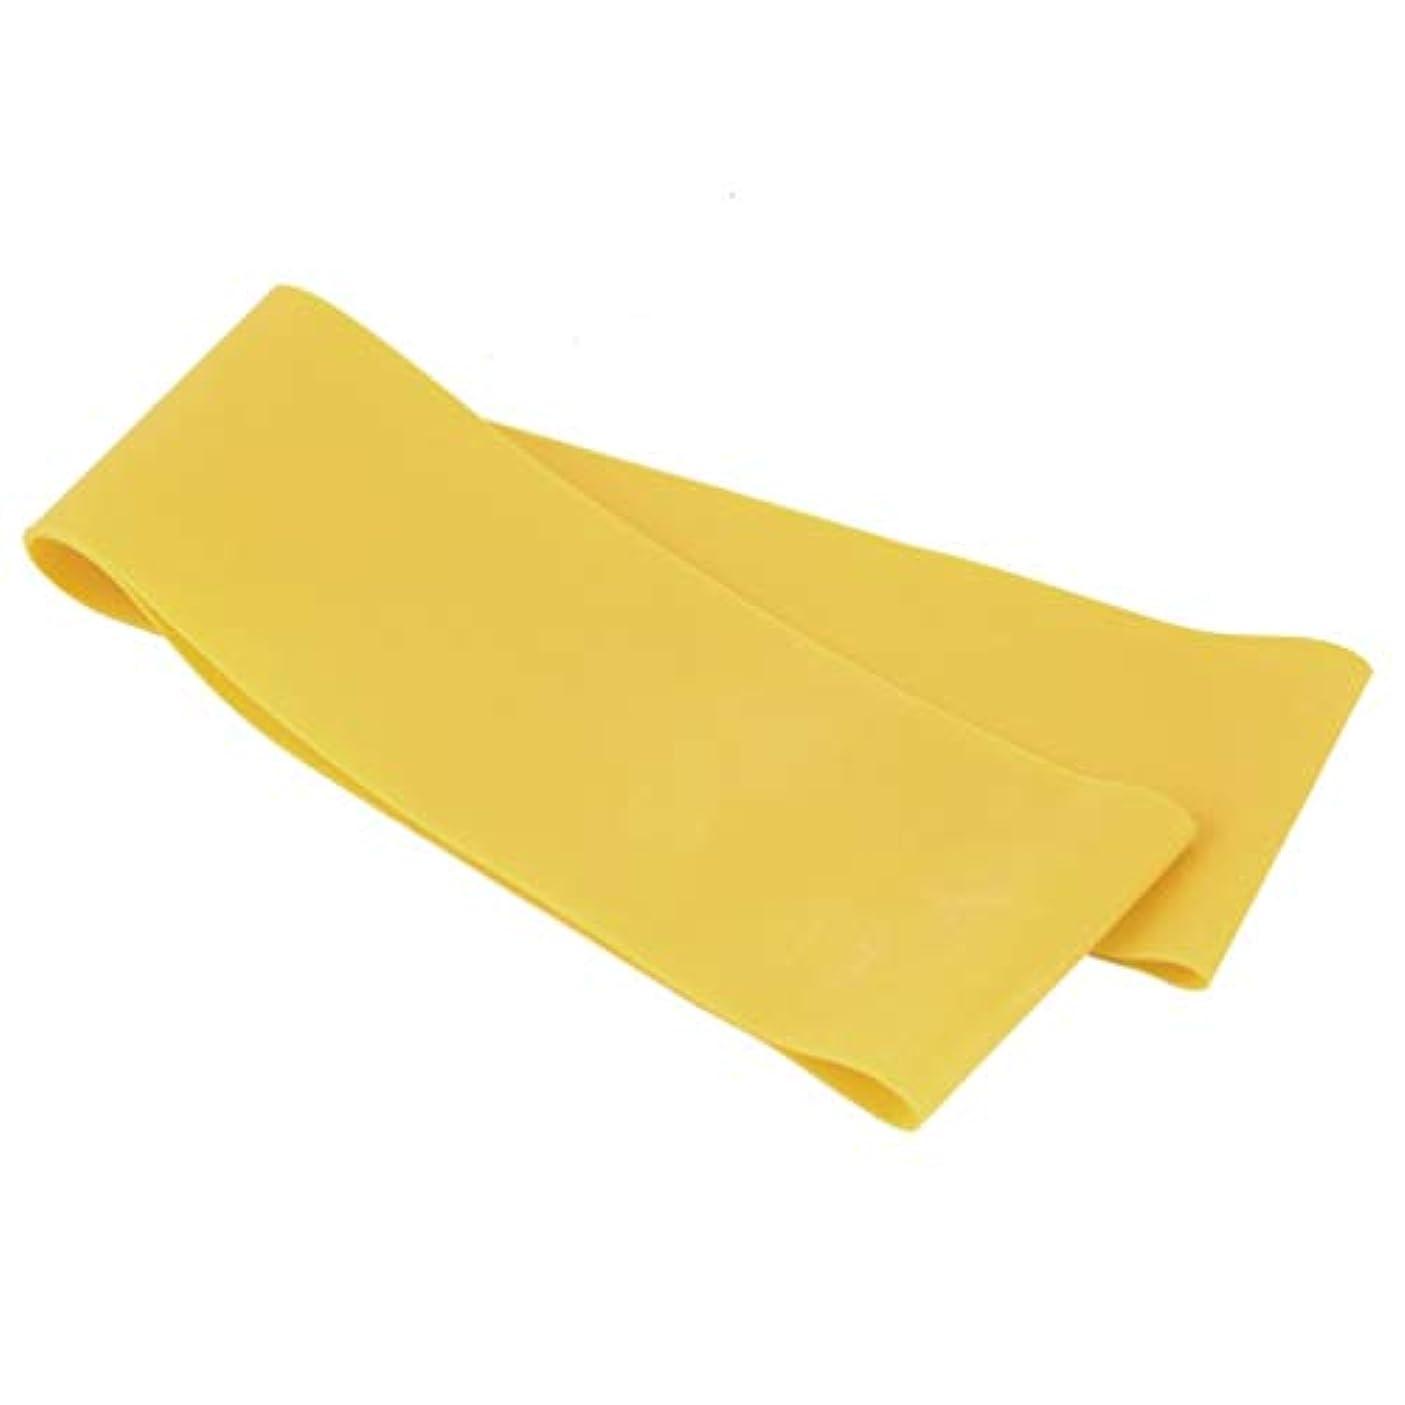 実現可能剛性窒息させる滑り止めの伸縮性のあるゴム製伸縮性があるヨガのベルトバンド引きロープの張力抵抗バンドループ強さのためのフィットネスヨガツール - 黄色